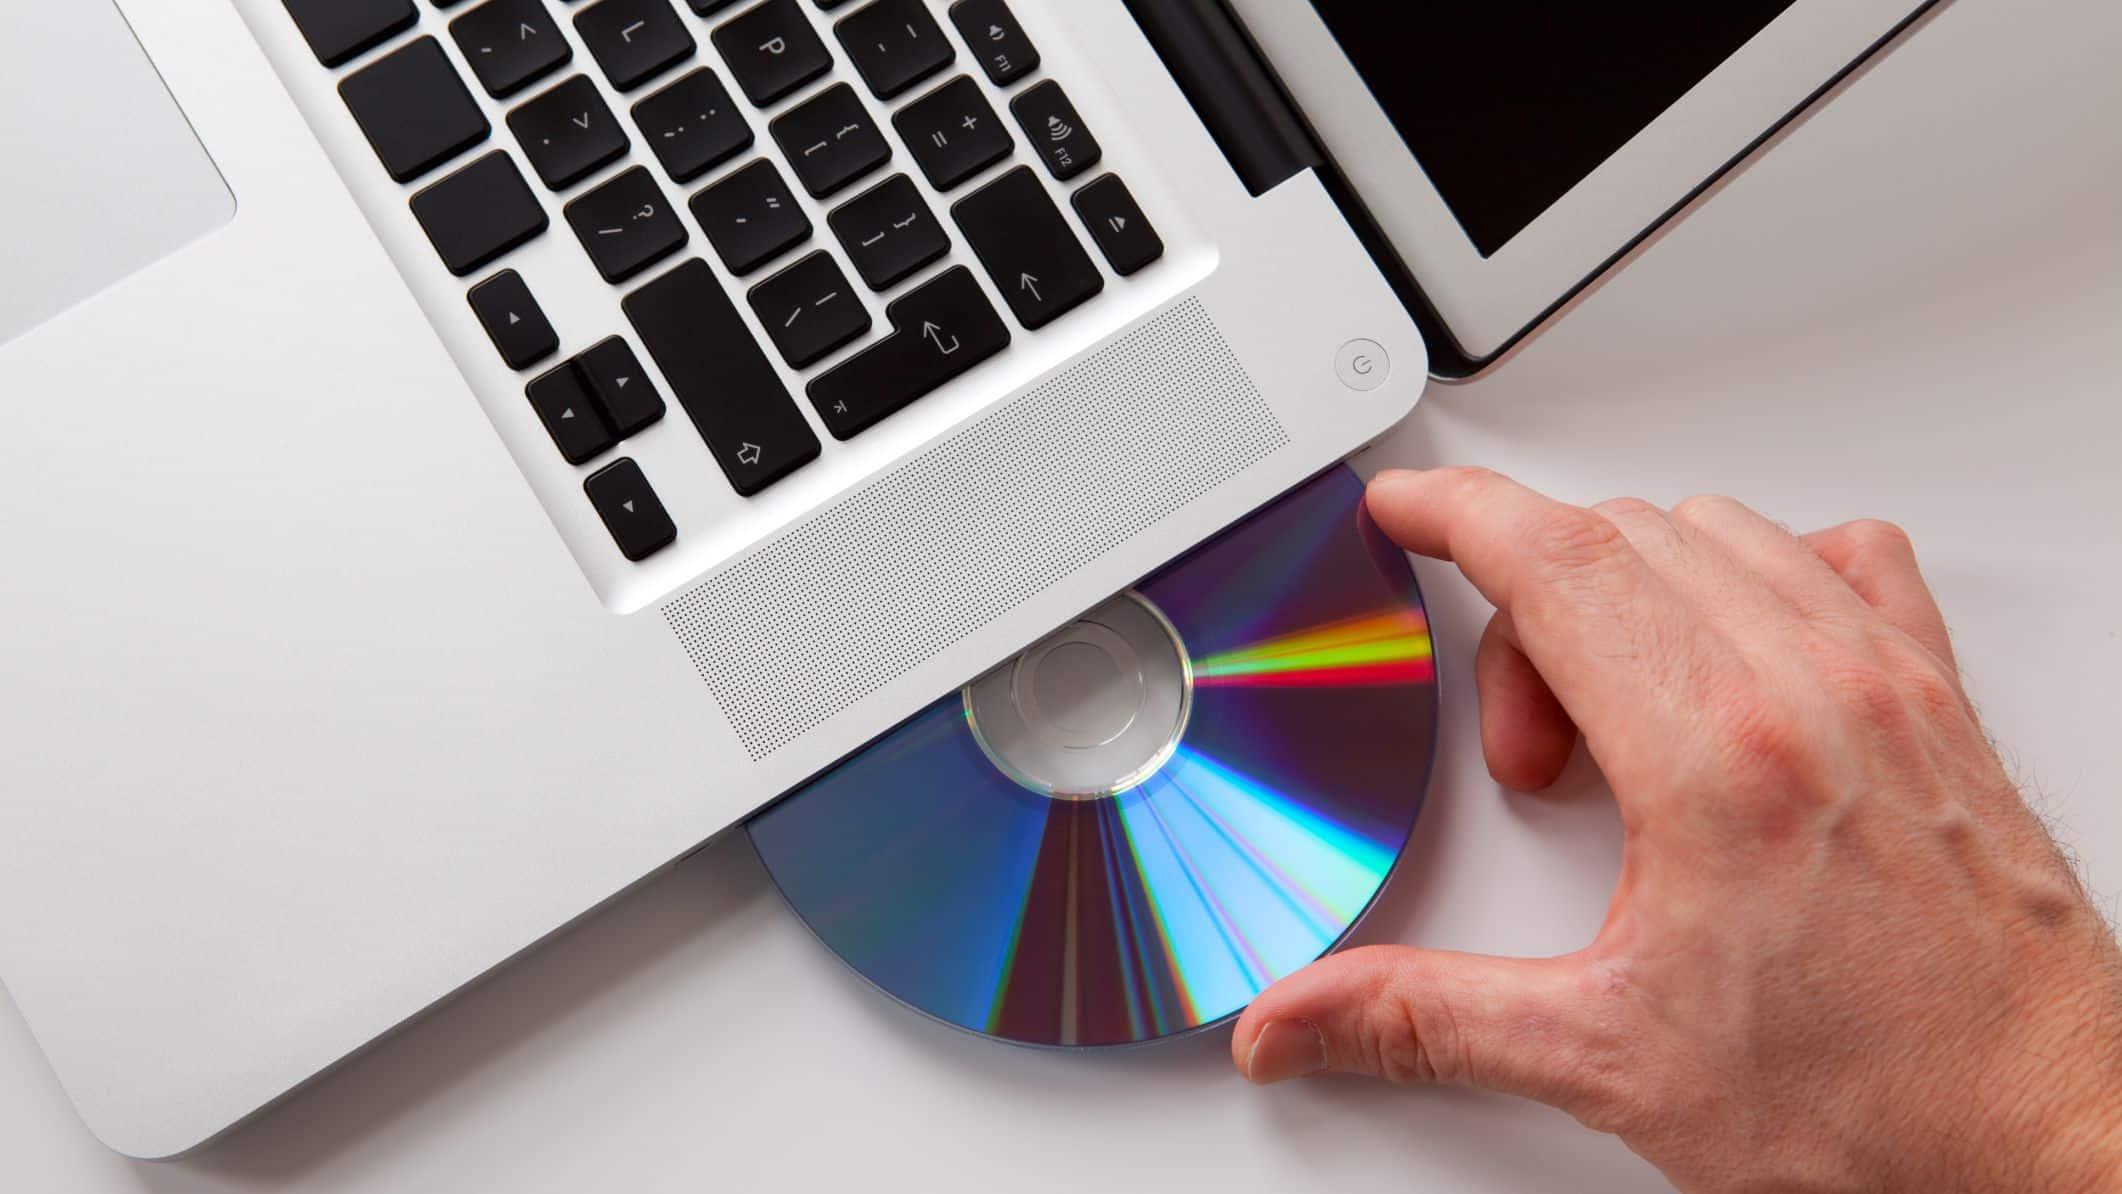 Masukan DVD ke dalam PC